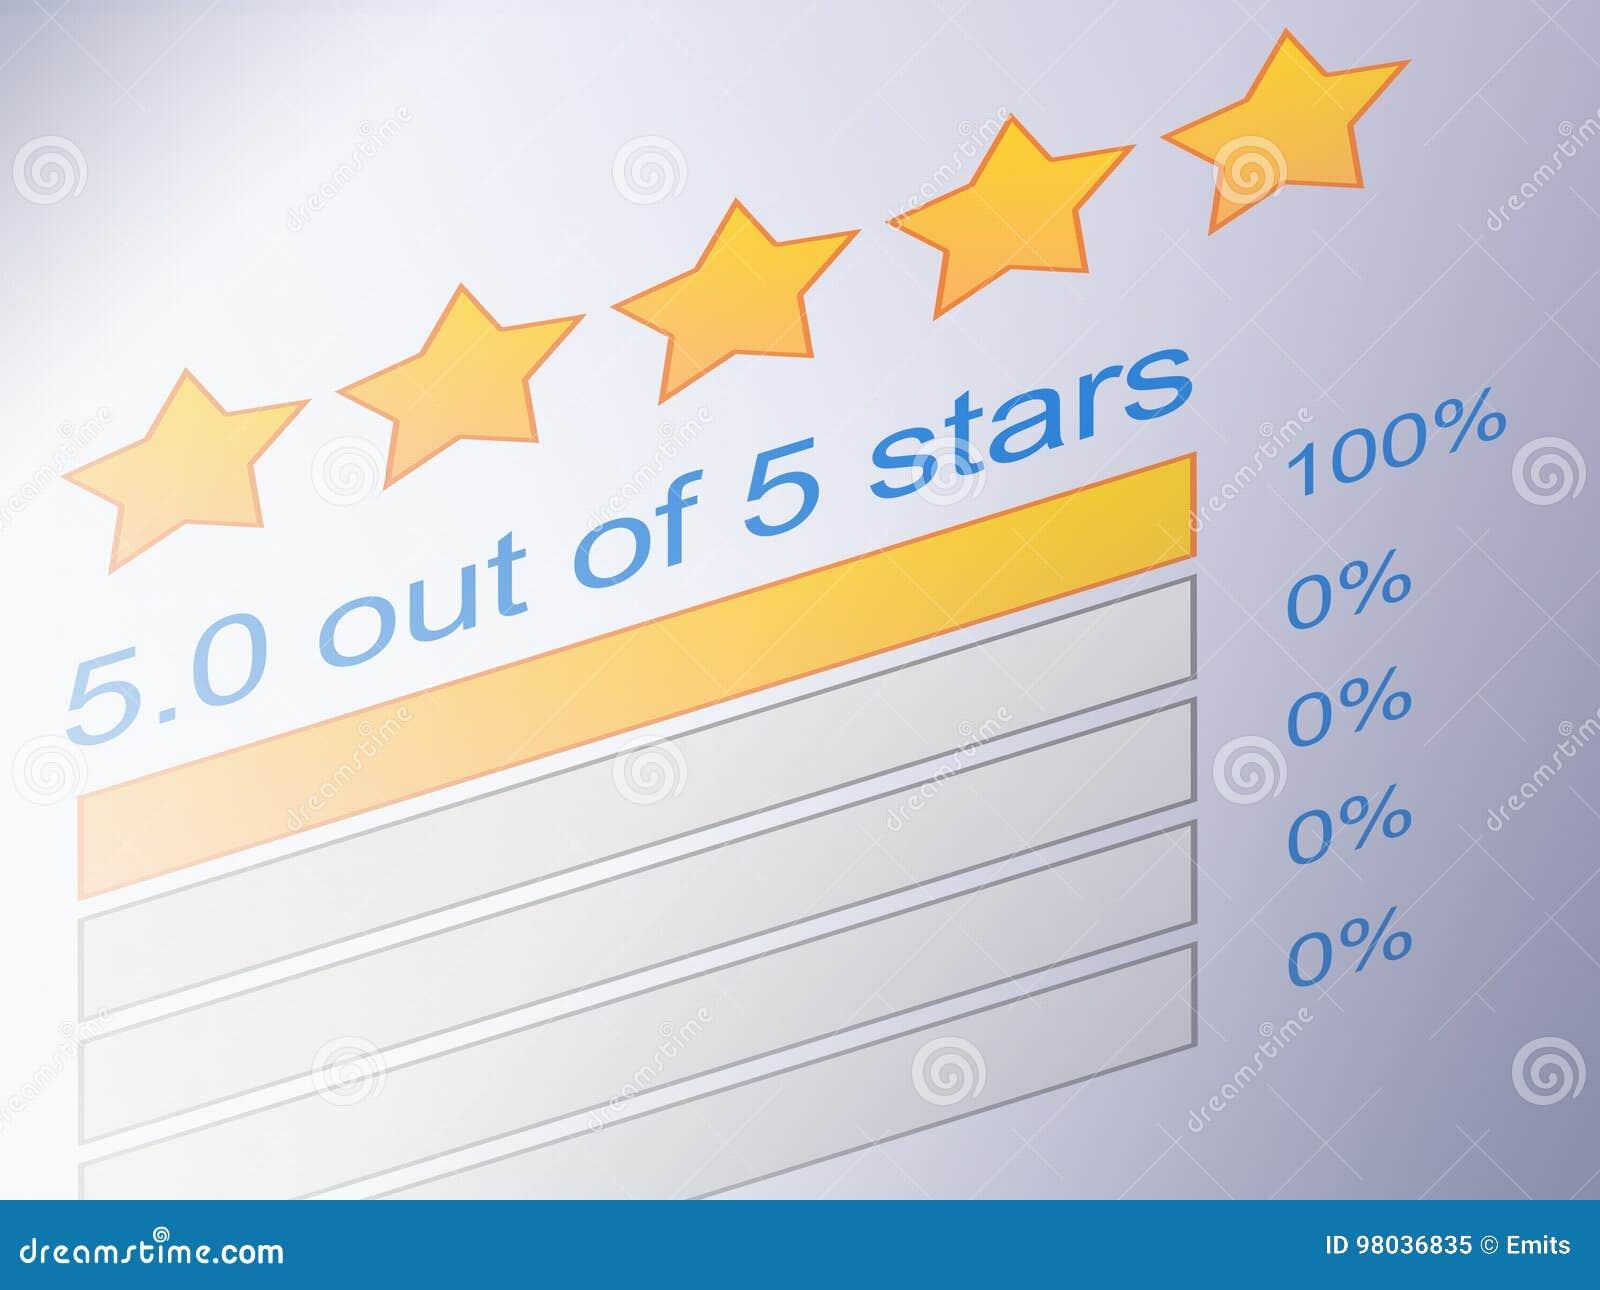 πέντε αστέρων αναθεώρηση εκτίμησης